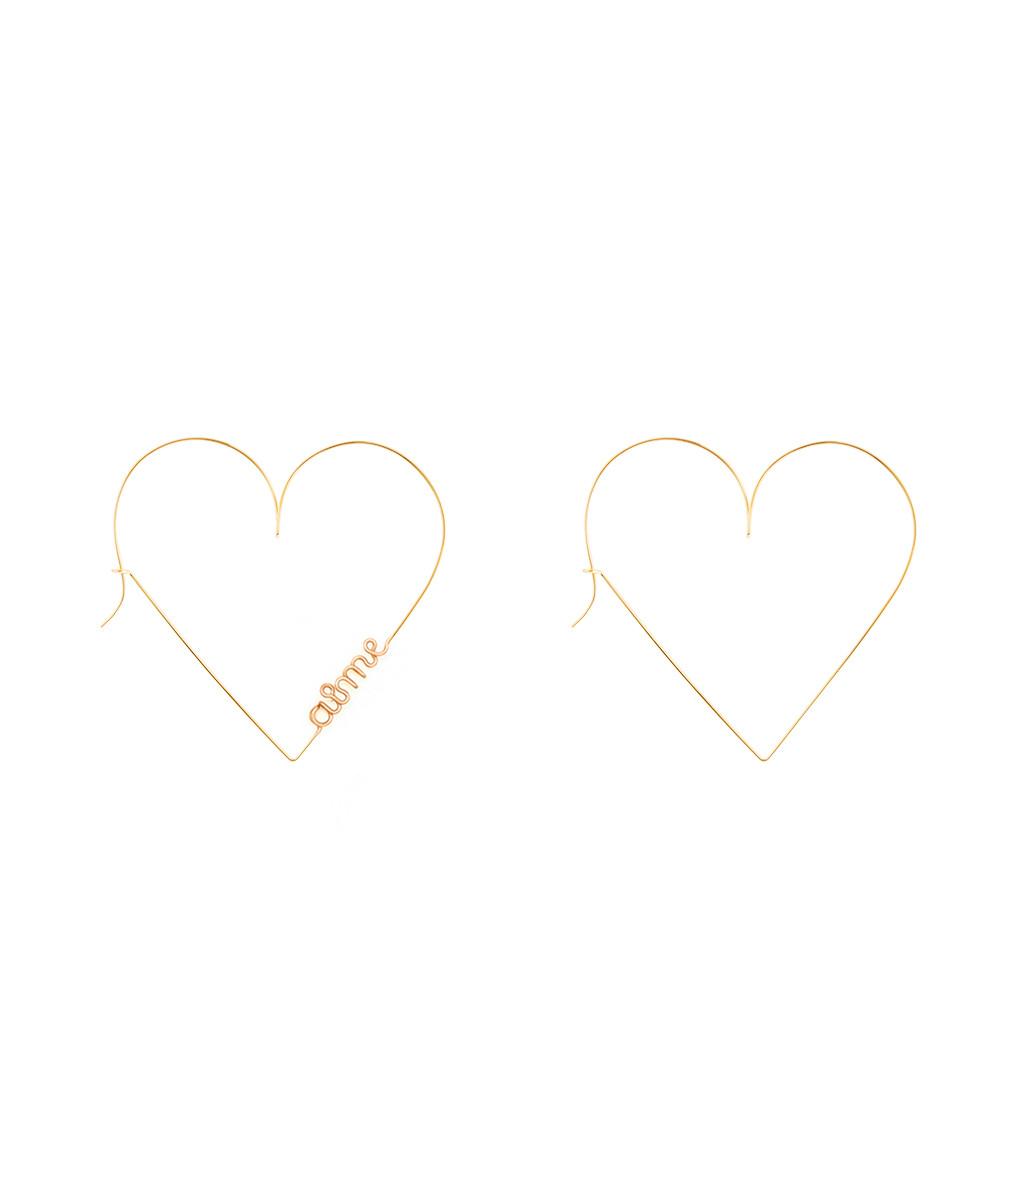 ATELIER PAULIN - Créoles Mini Coeur Aime Gold Filled 14K